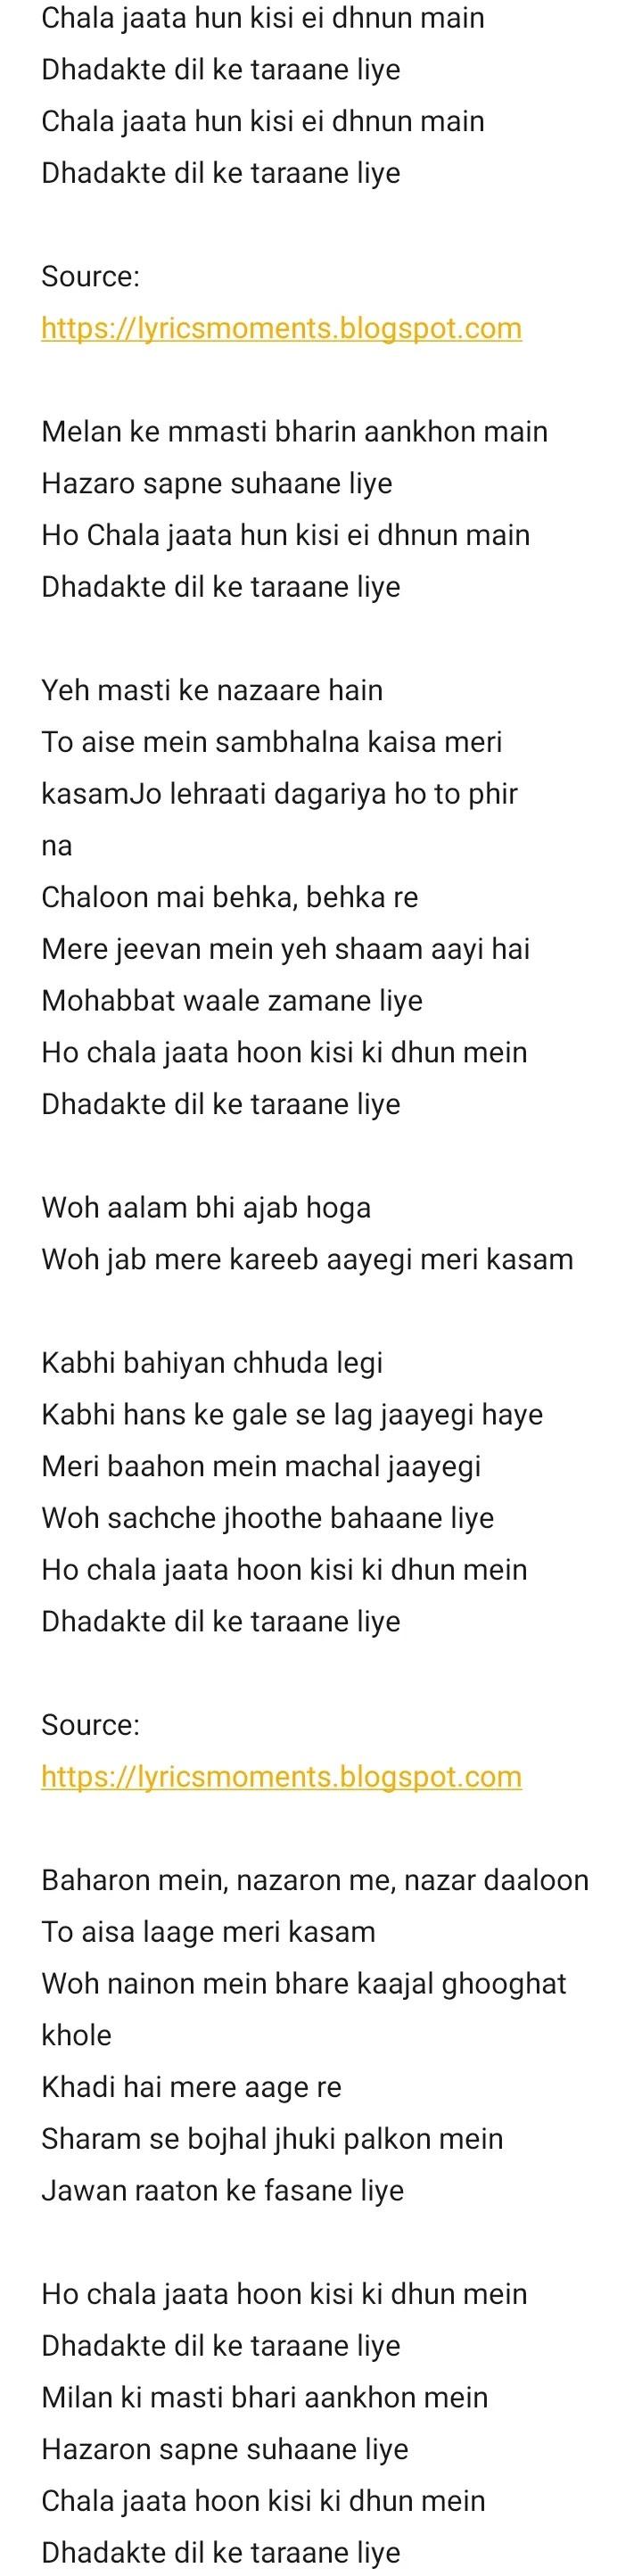 Chala jaata hoon lyrics - kishore kumar | mere Jeevan Saathi | sanam